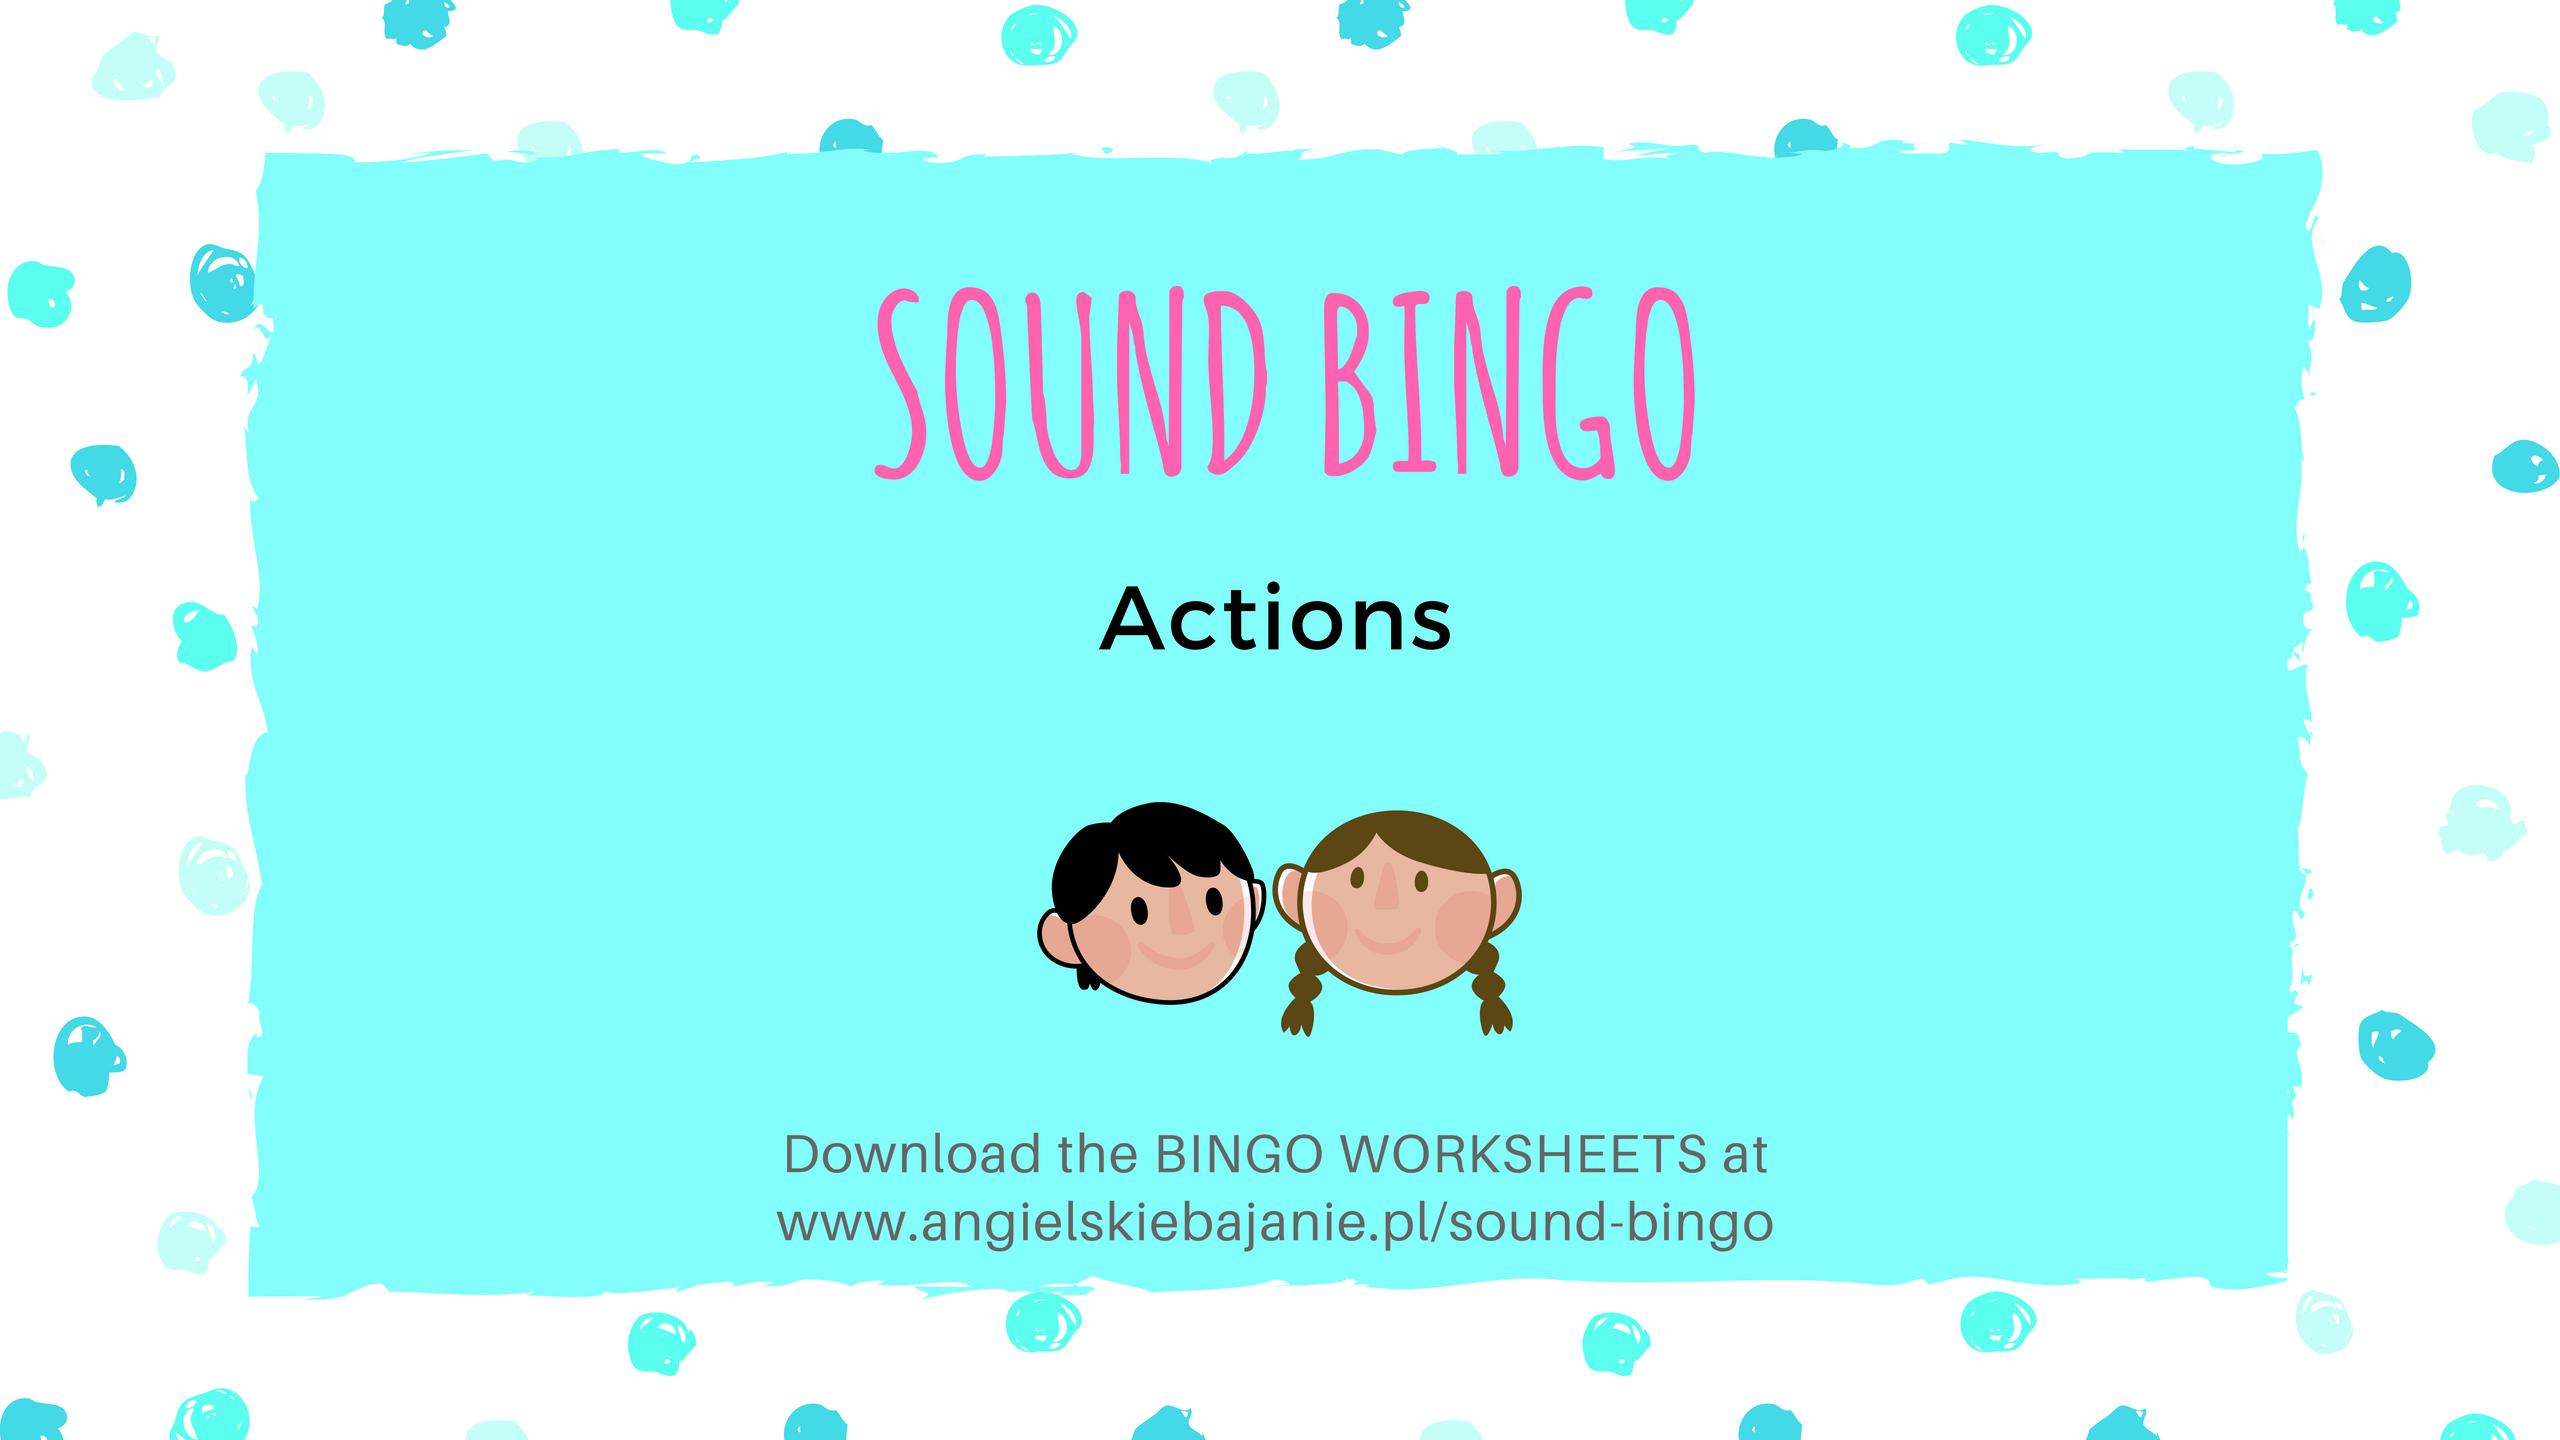 Bingo worksheet download